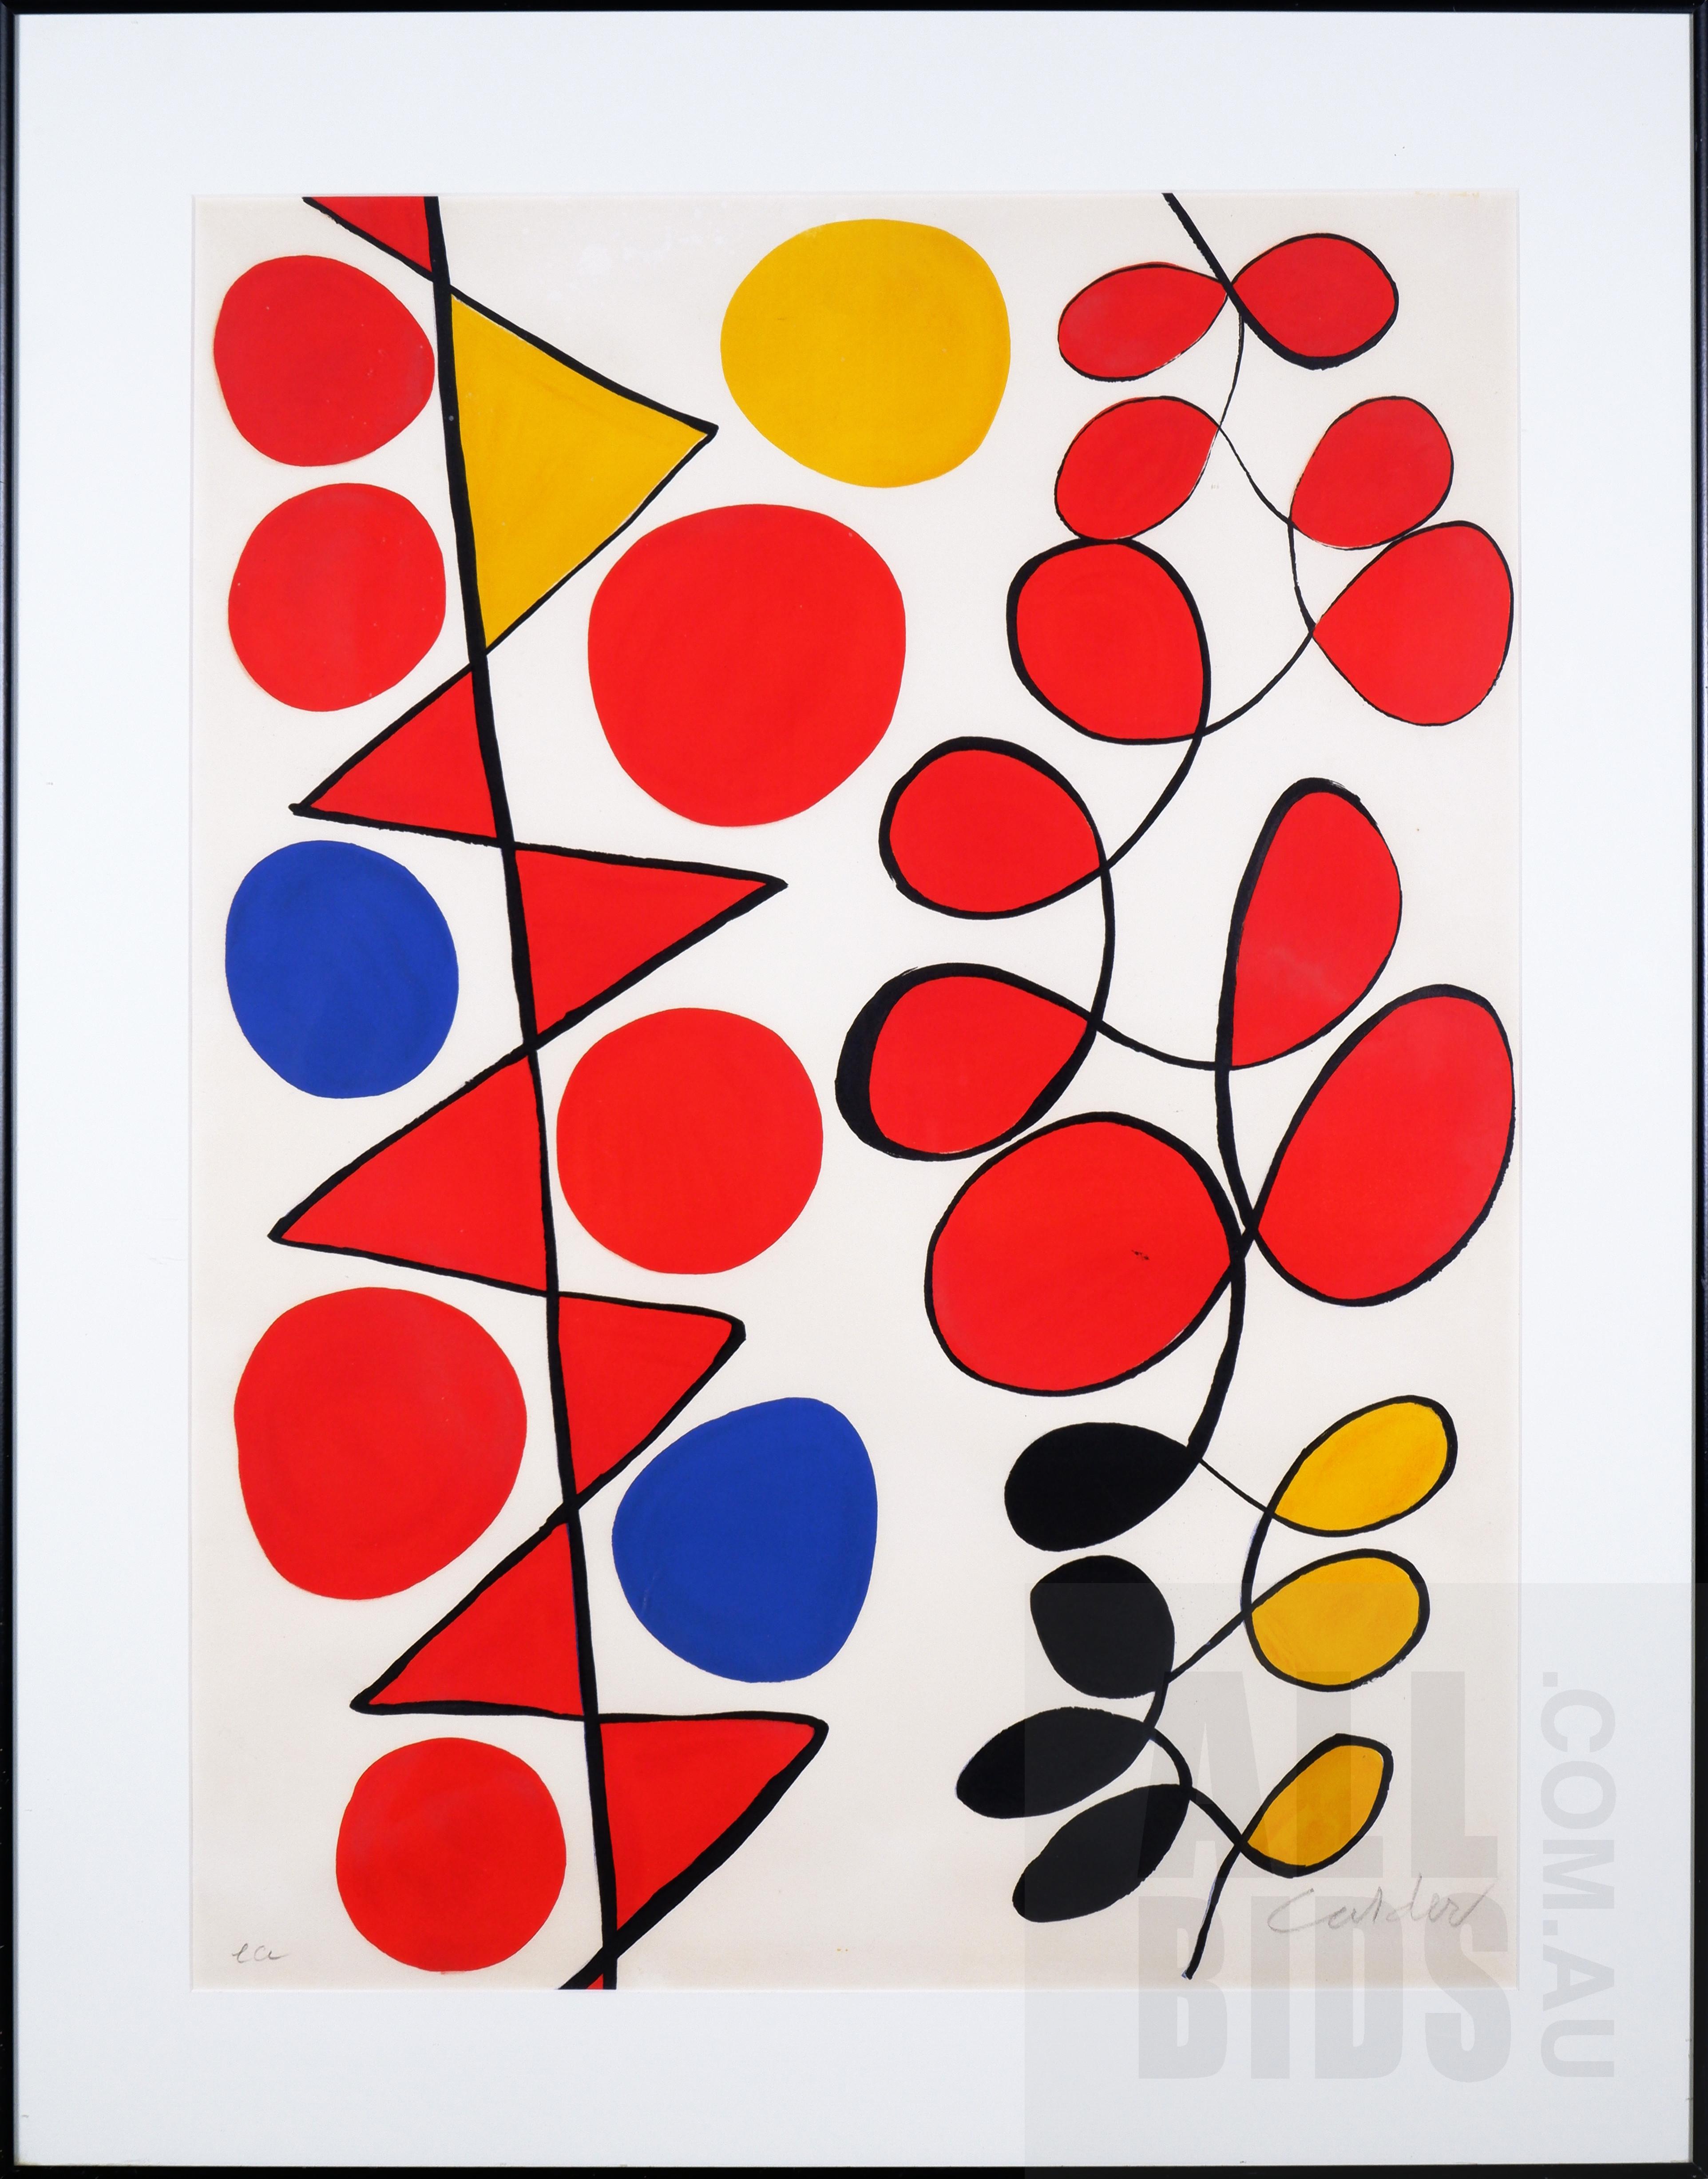 'Alexander Calder (1898-1976, American), Composition c1970, Lithograph, 77 x 58 cm (image size)'